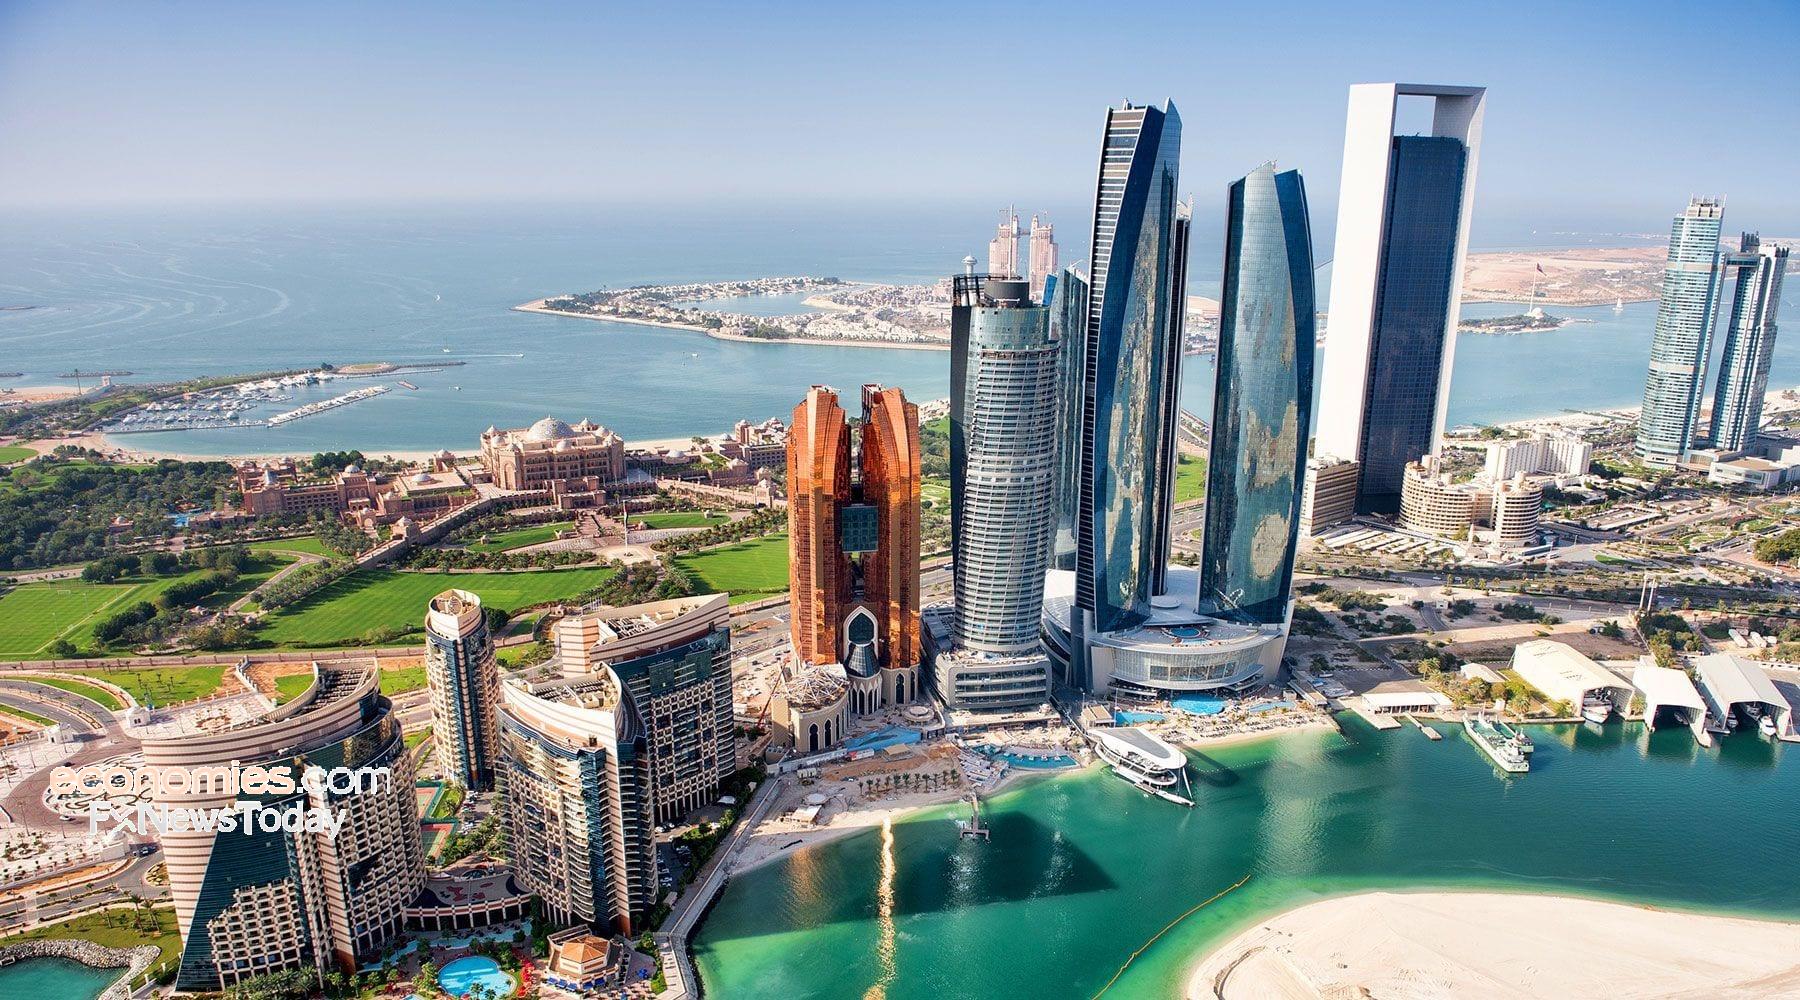 إدارة الصالحية العقارية توافق على بيع عقار مملوك لها بمدينة الكويت